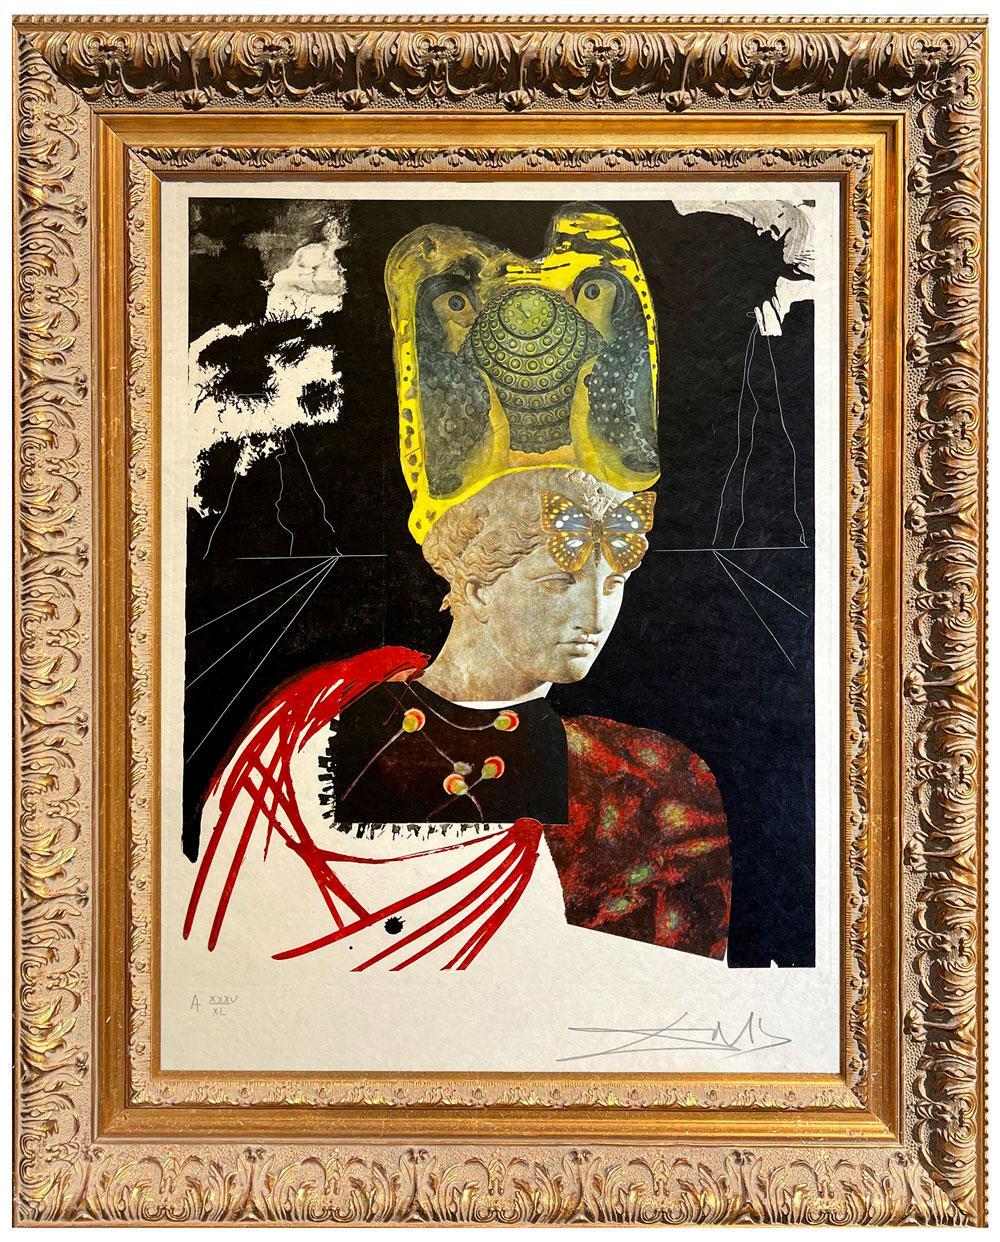 Salvador Dalí * Memories of Surrealism Crazy Crazy Crazy Minerv * Etching